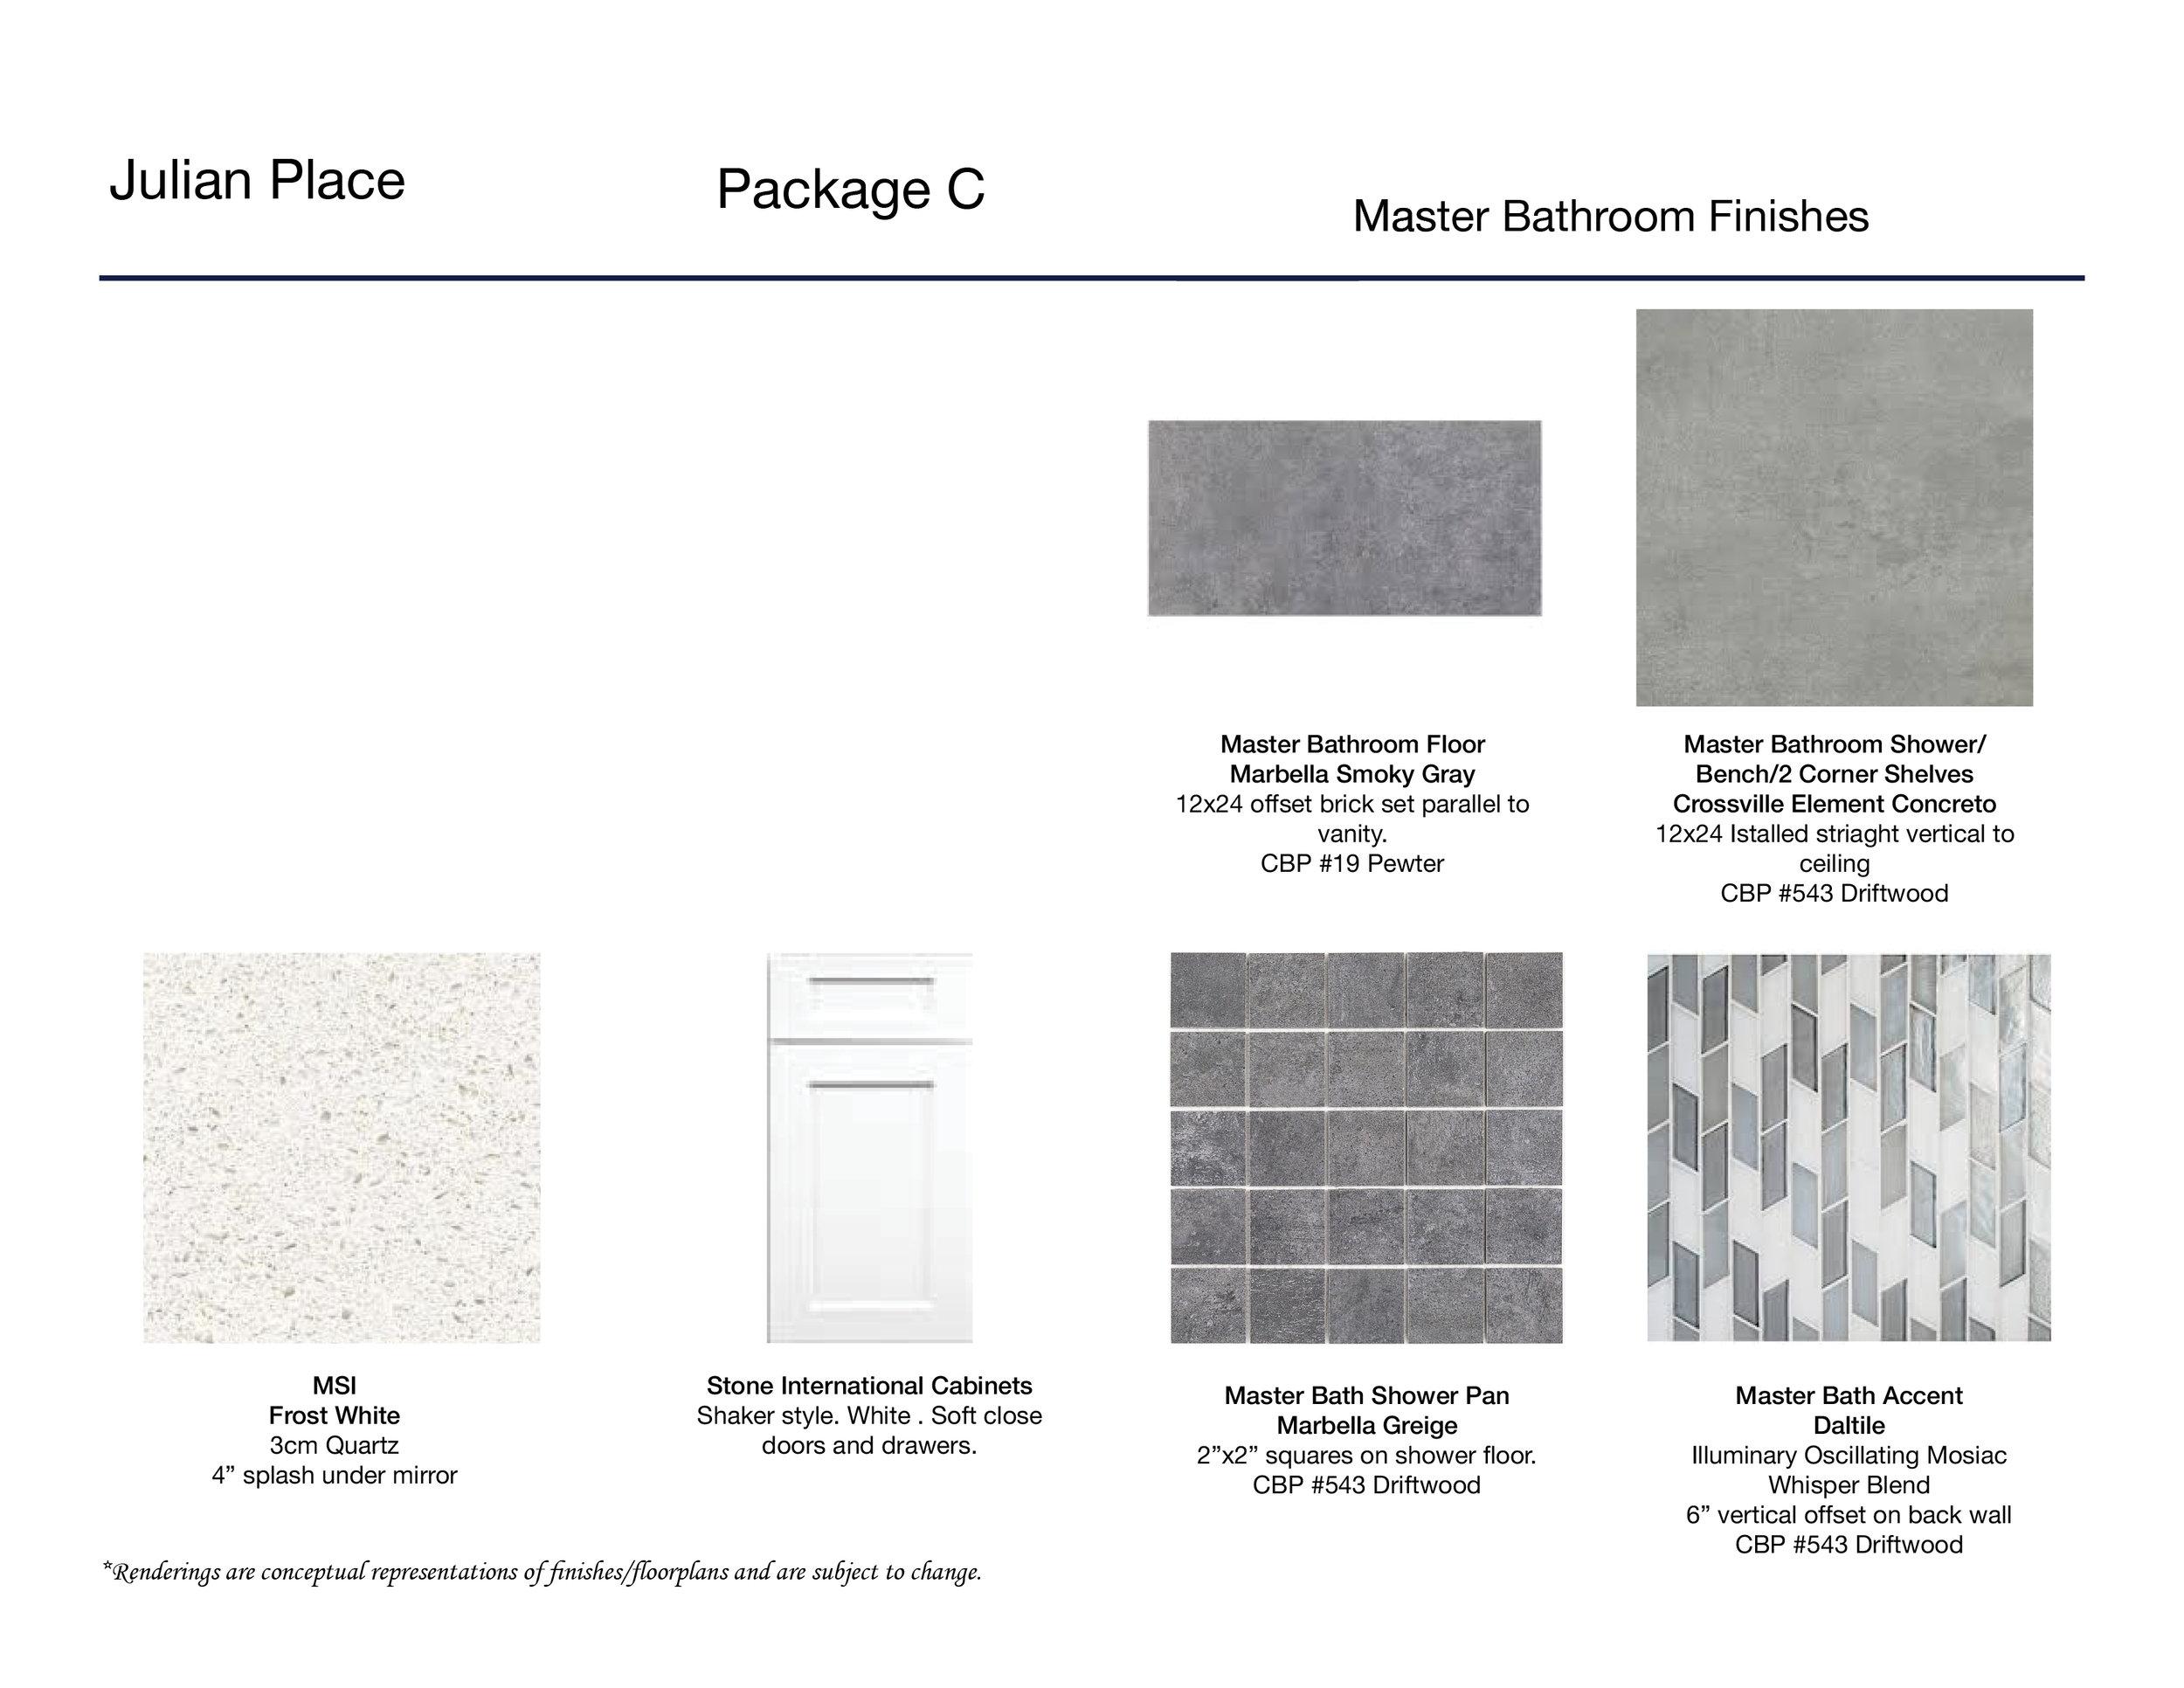 Julian Place Package C5.jpg